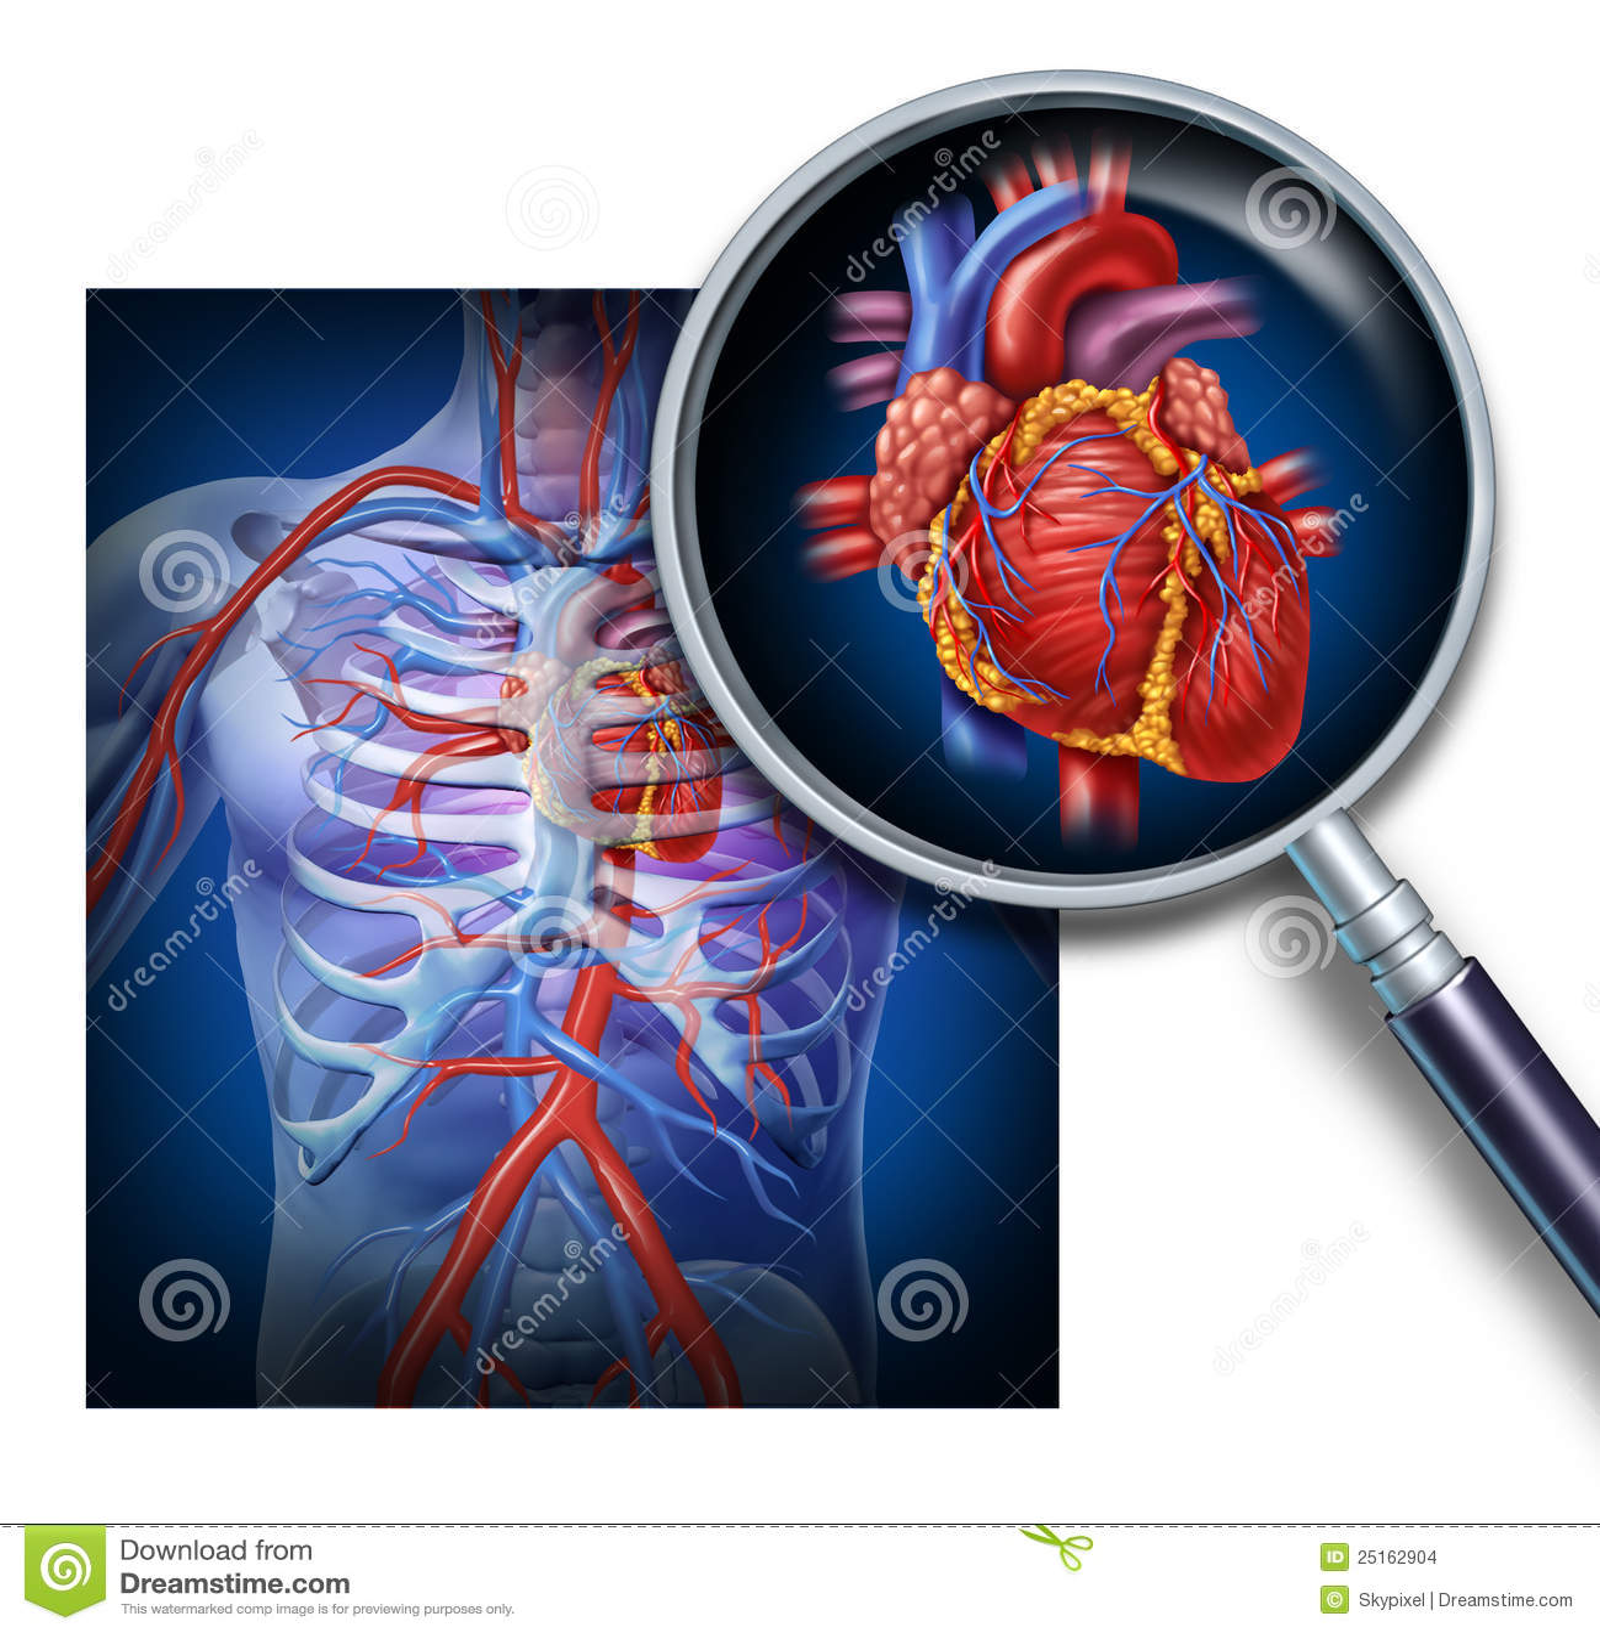 Anatom a del coraz n humano for Fotos del corazon